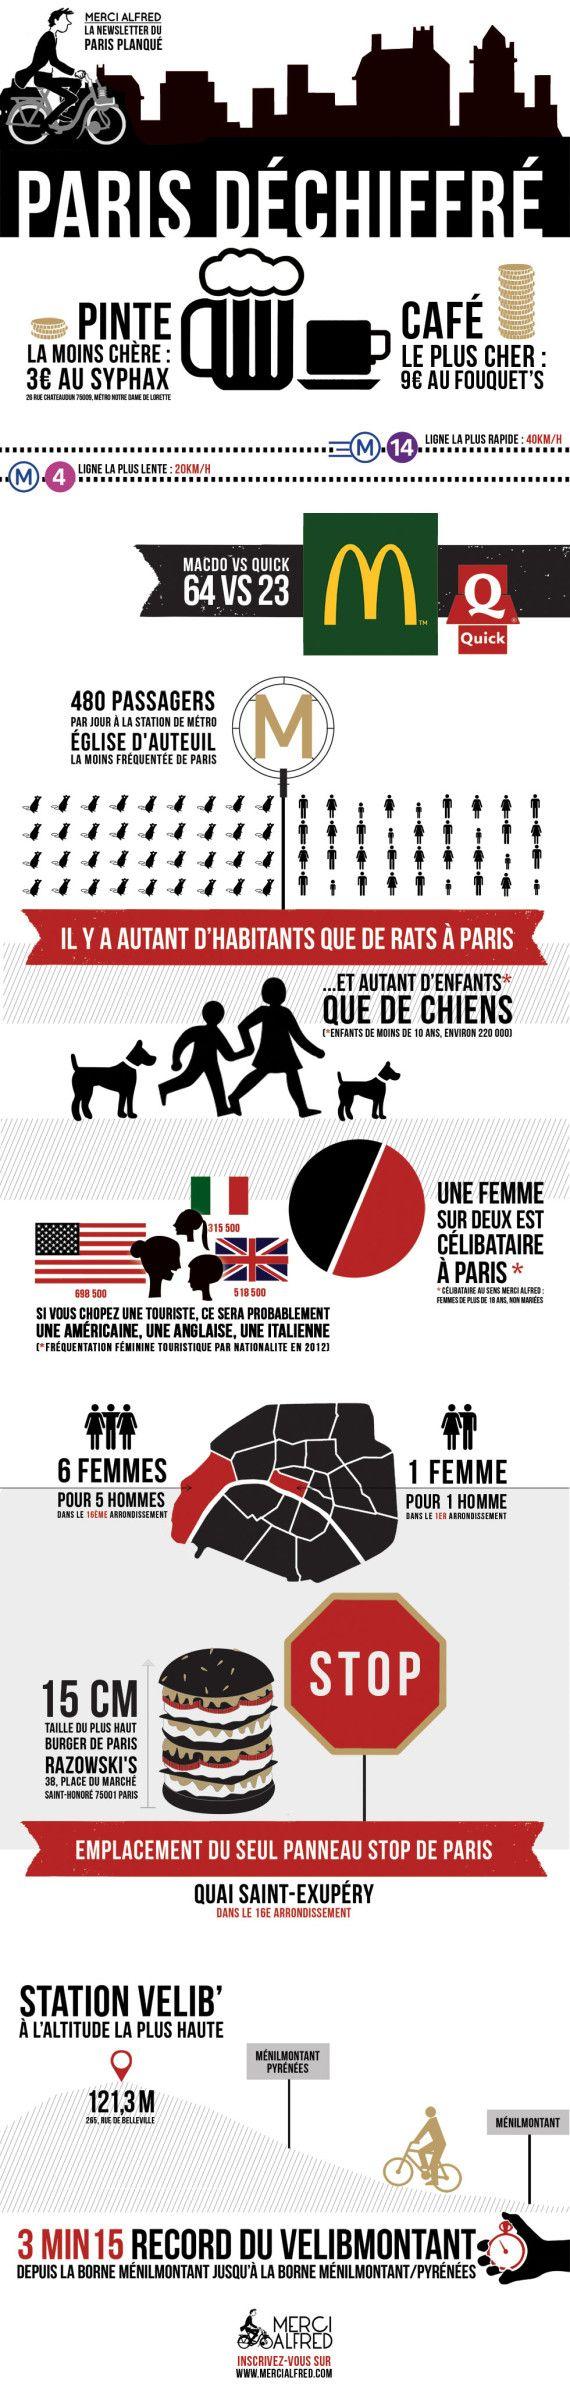 Infographie: Paris déchiffré